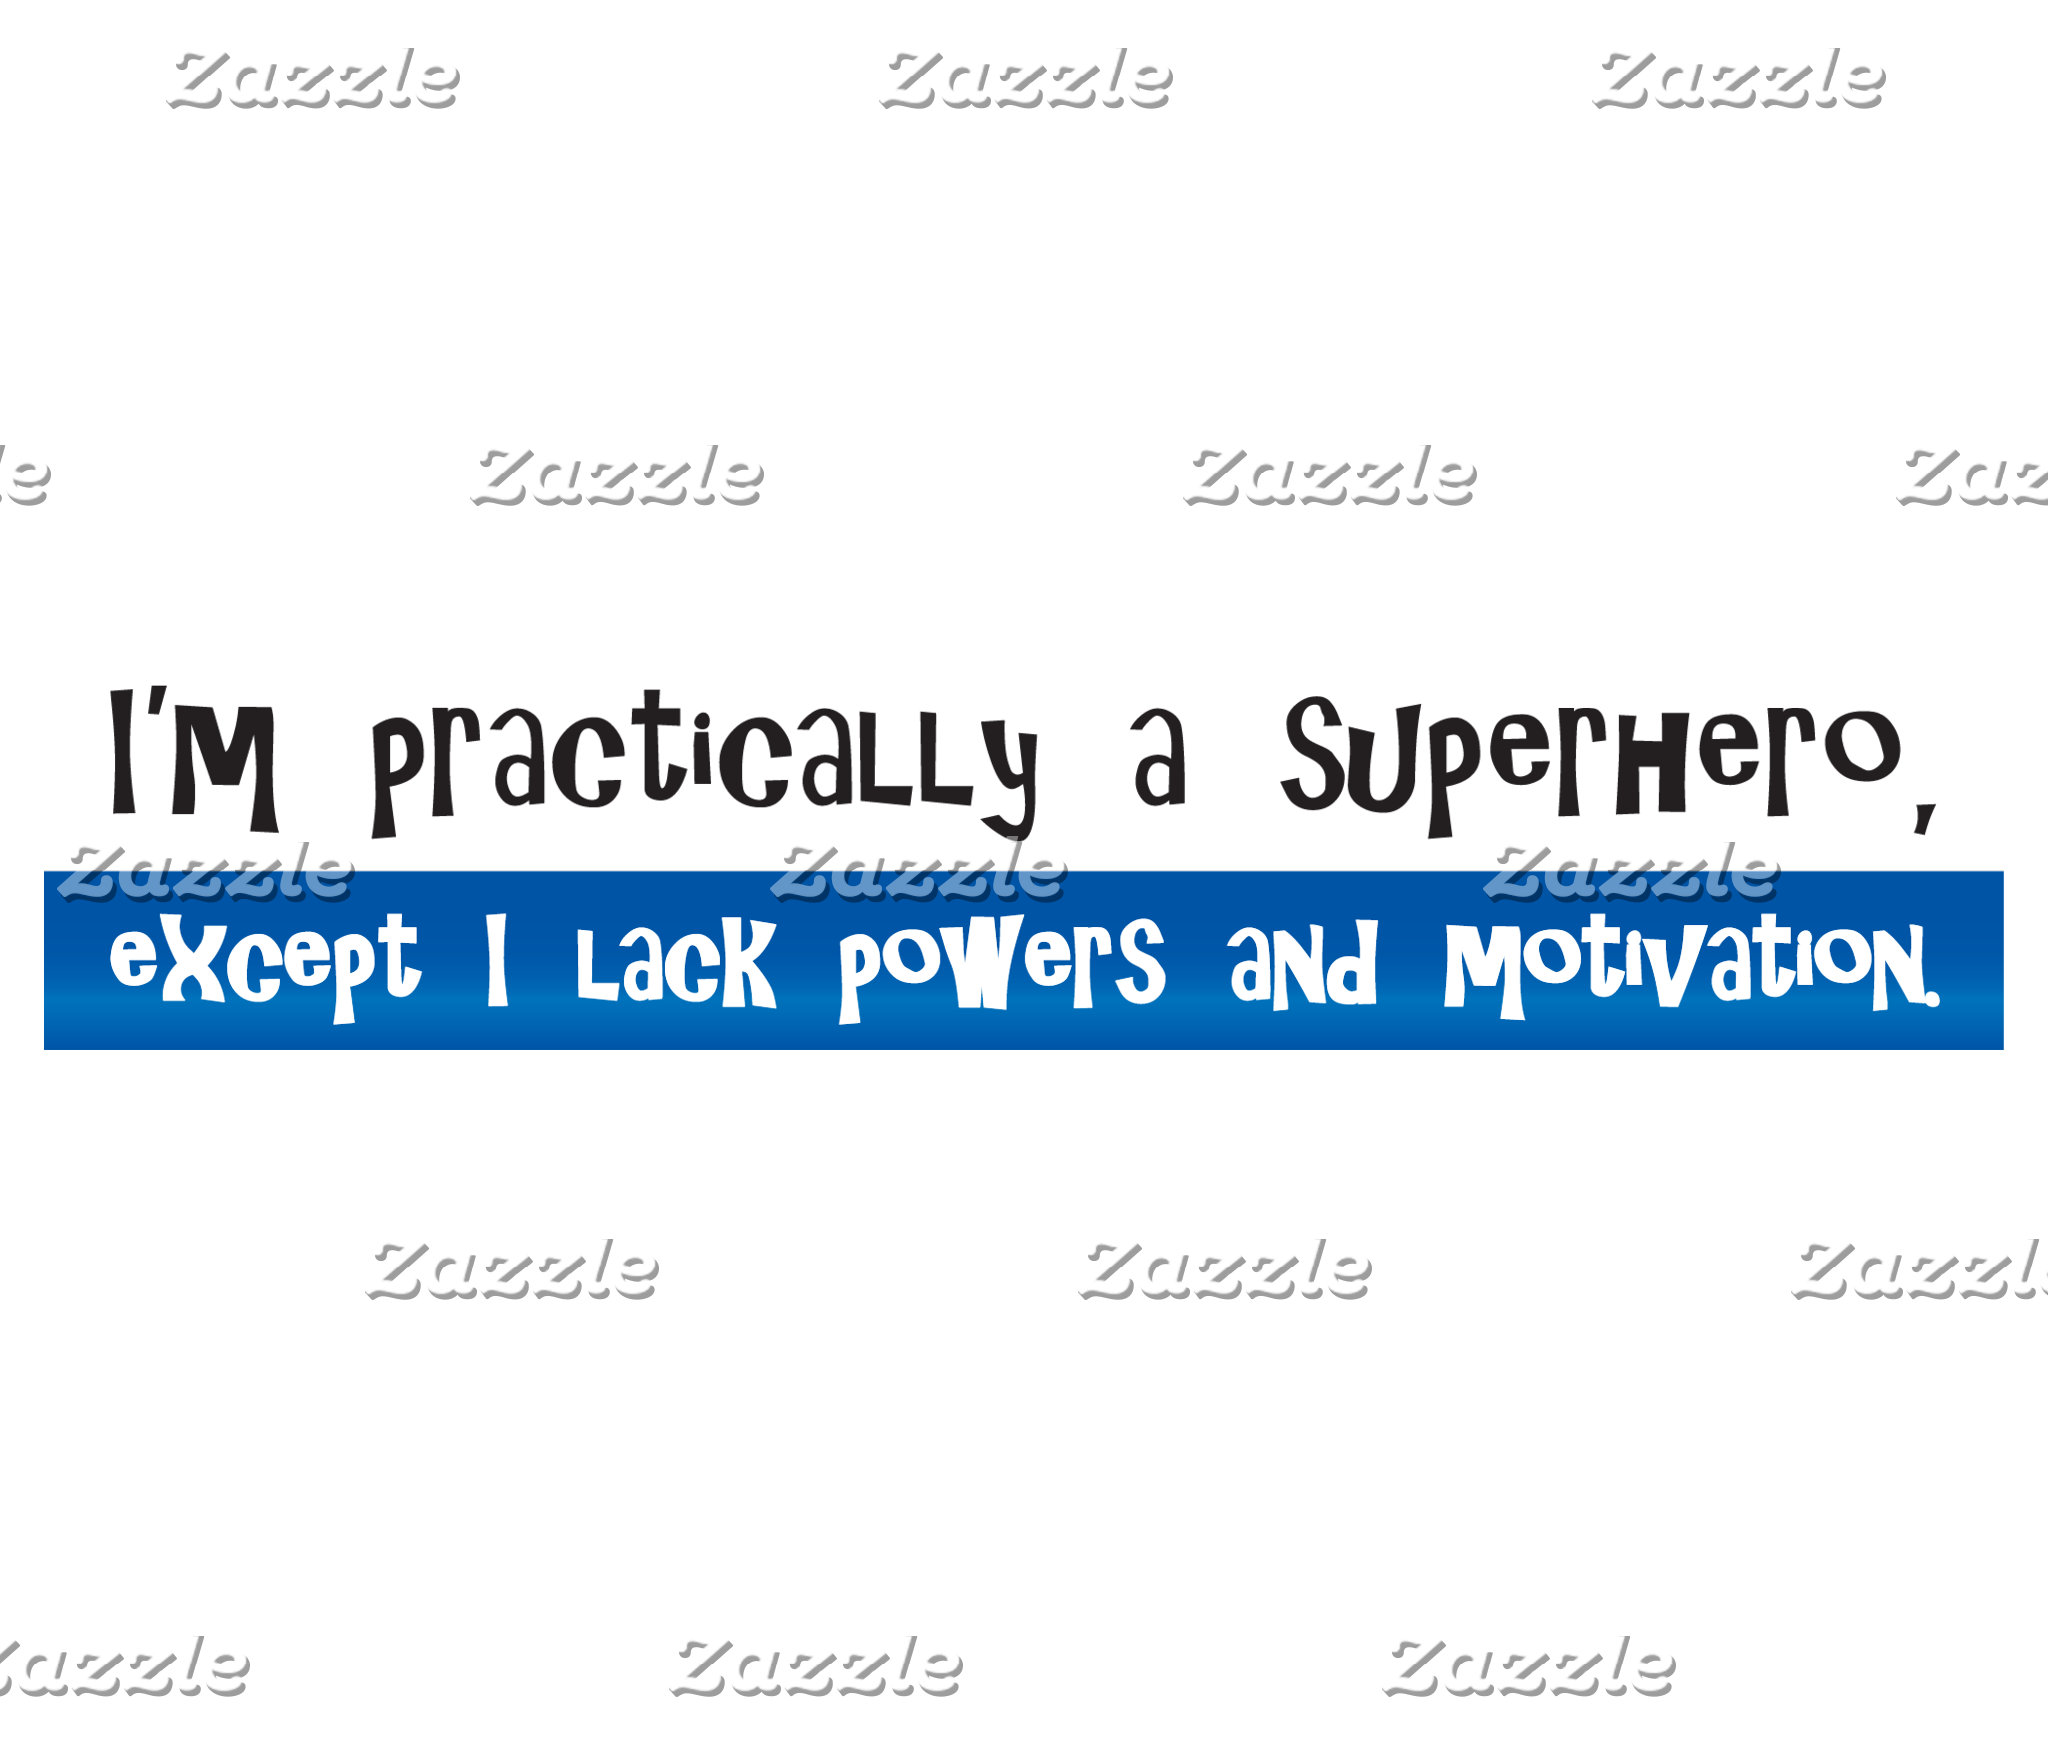 Practically a Superhero